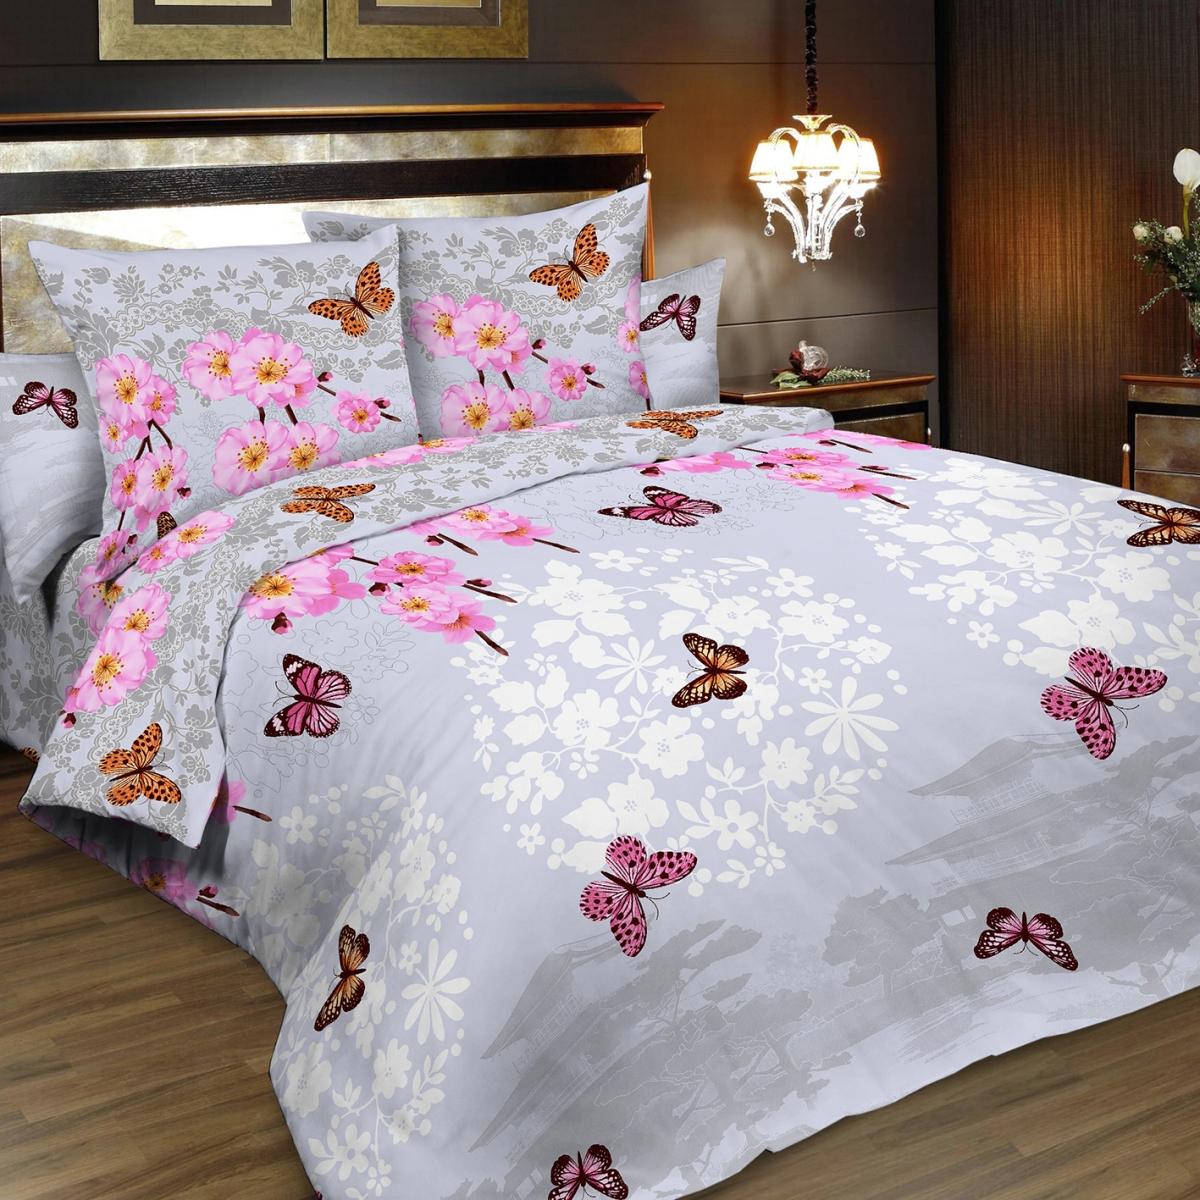 Комплект белья Letto, 2-спальный, наволочки 70х70. B187-4 комплект белья letto 2 спальное наволочки 70х70 цвет сиреневый в39 4